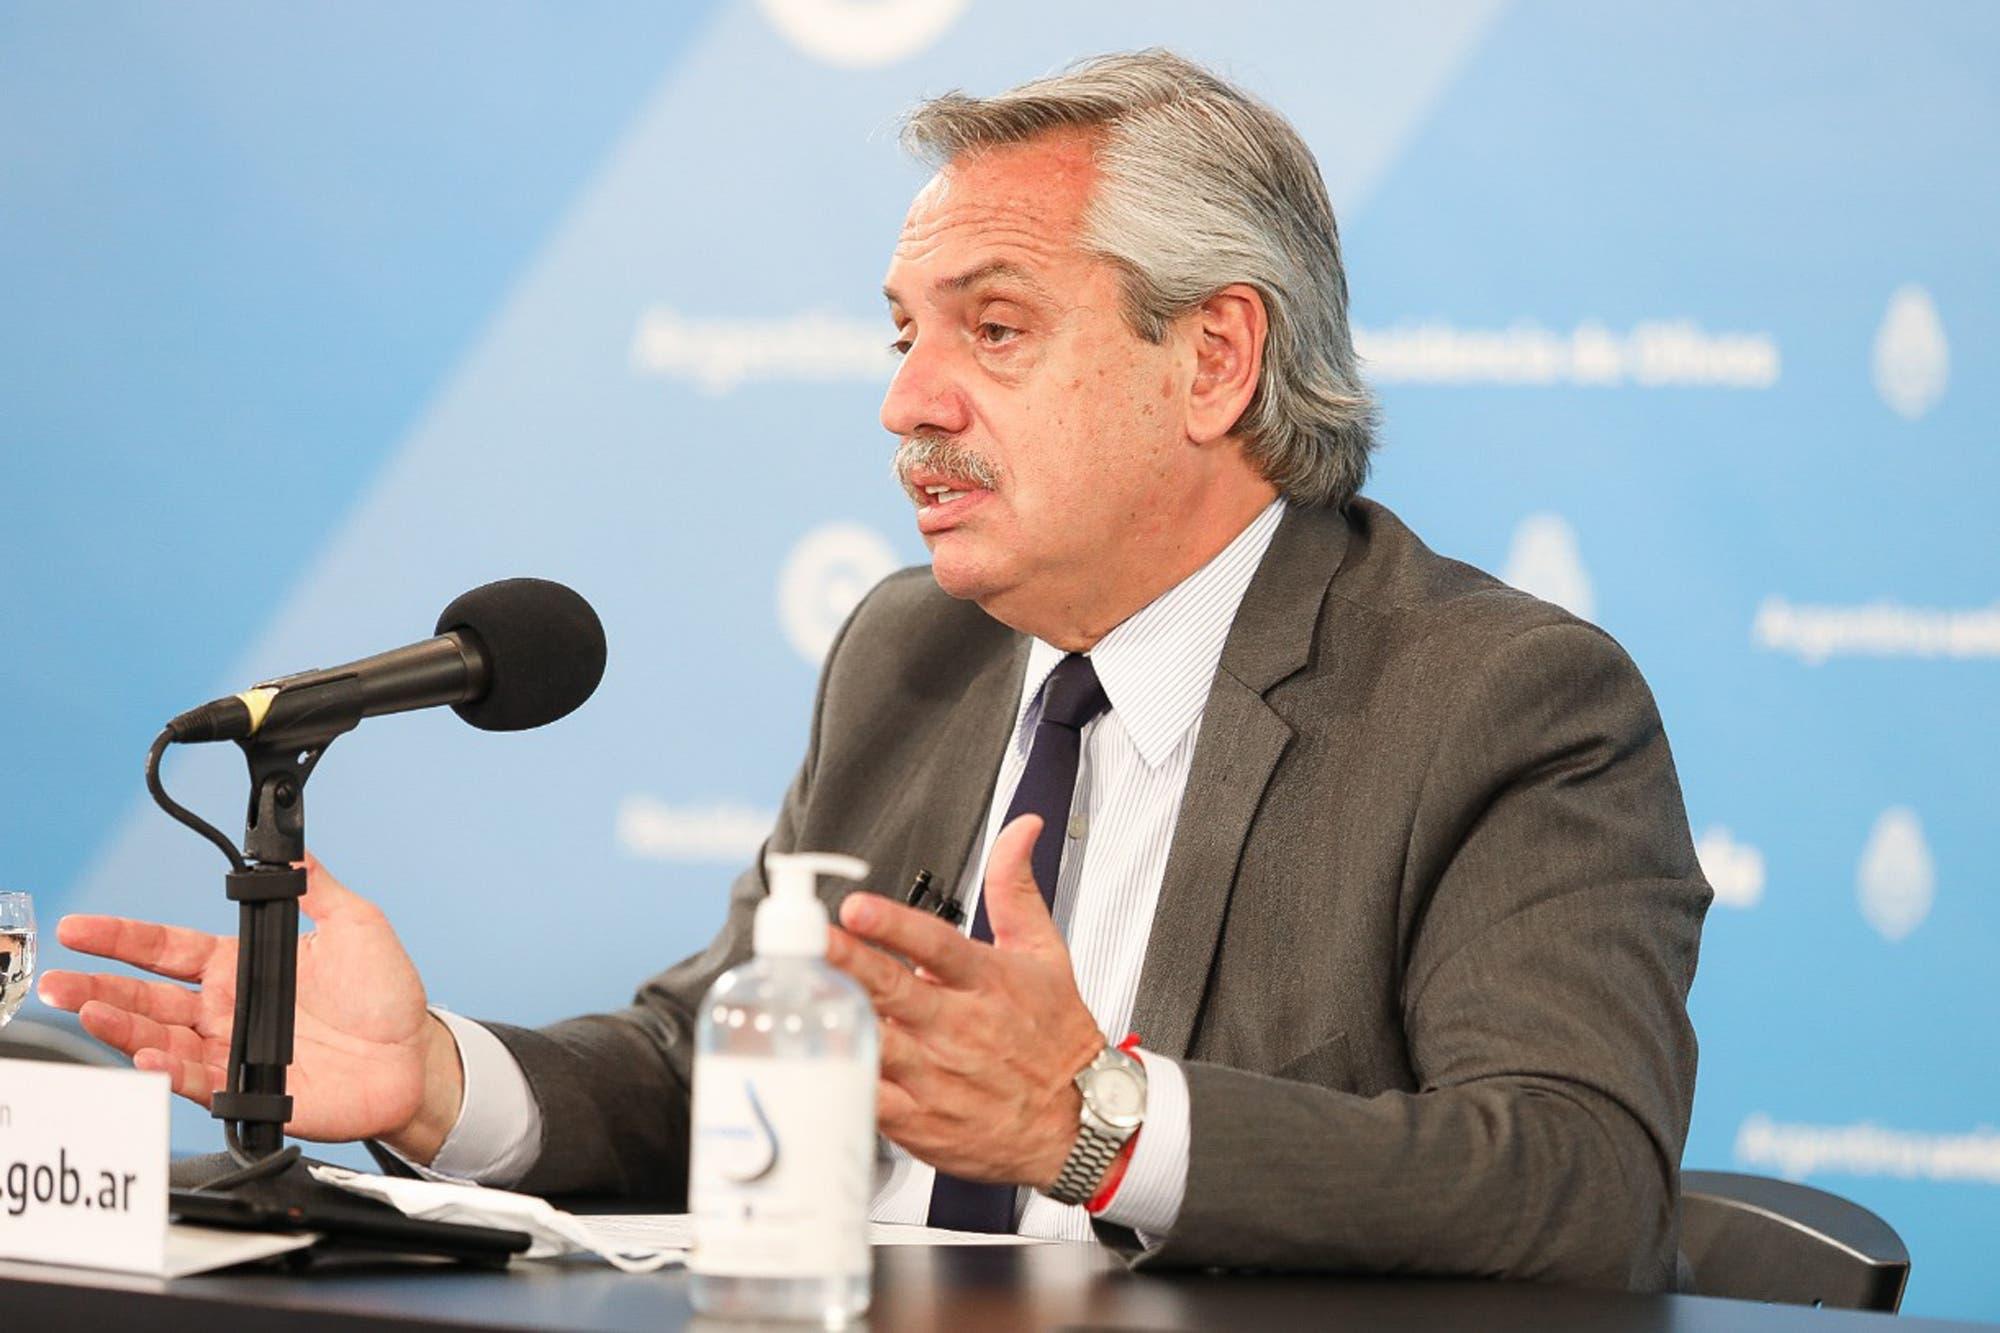 Dispo, ASPO y vacunas: las principales frases de Alberto Fernández en un nuevo anuncio